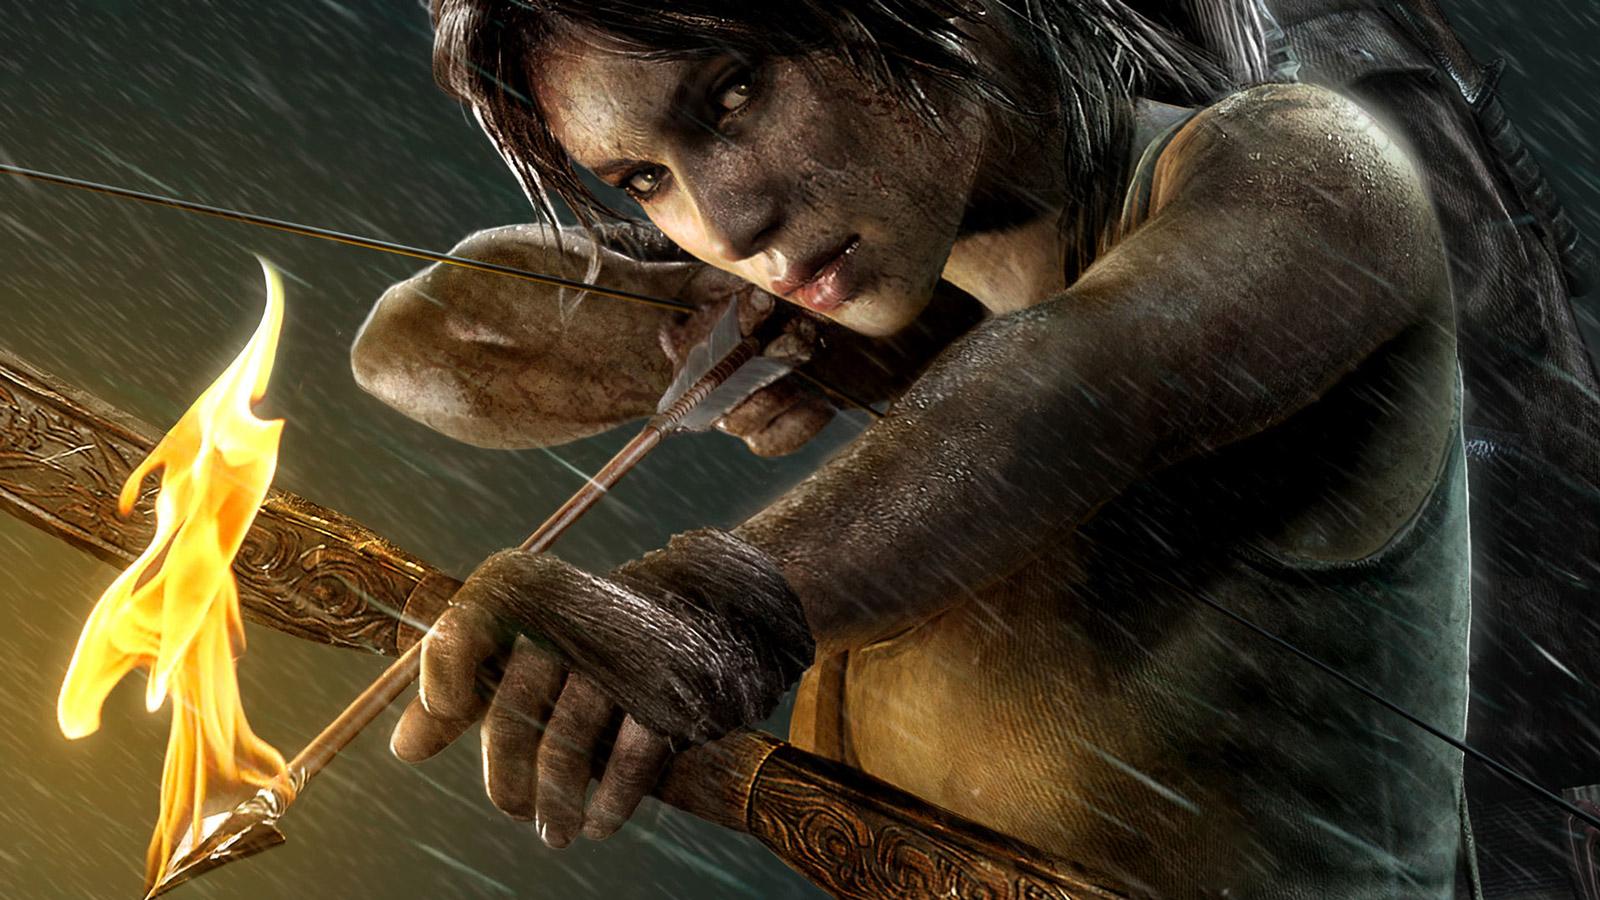 Free Tomb Raider Wallpaper in 1600x900